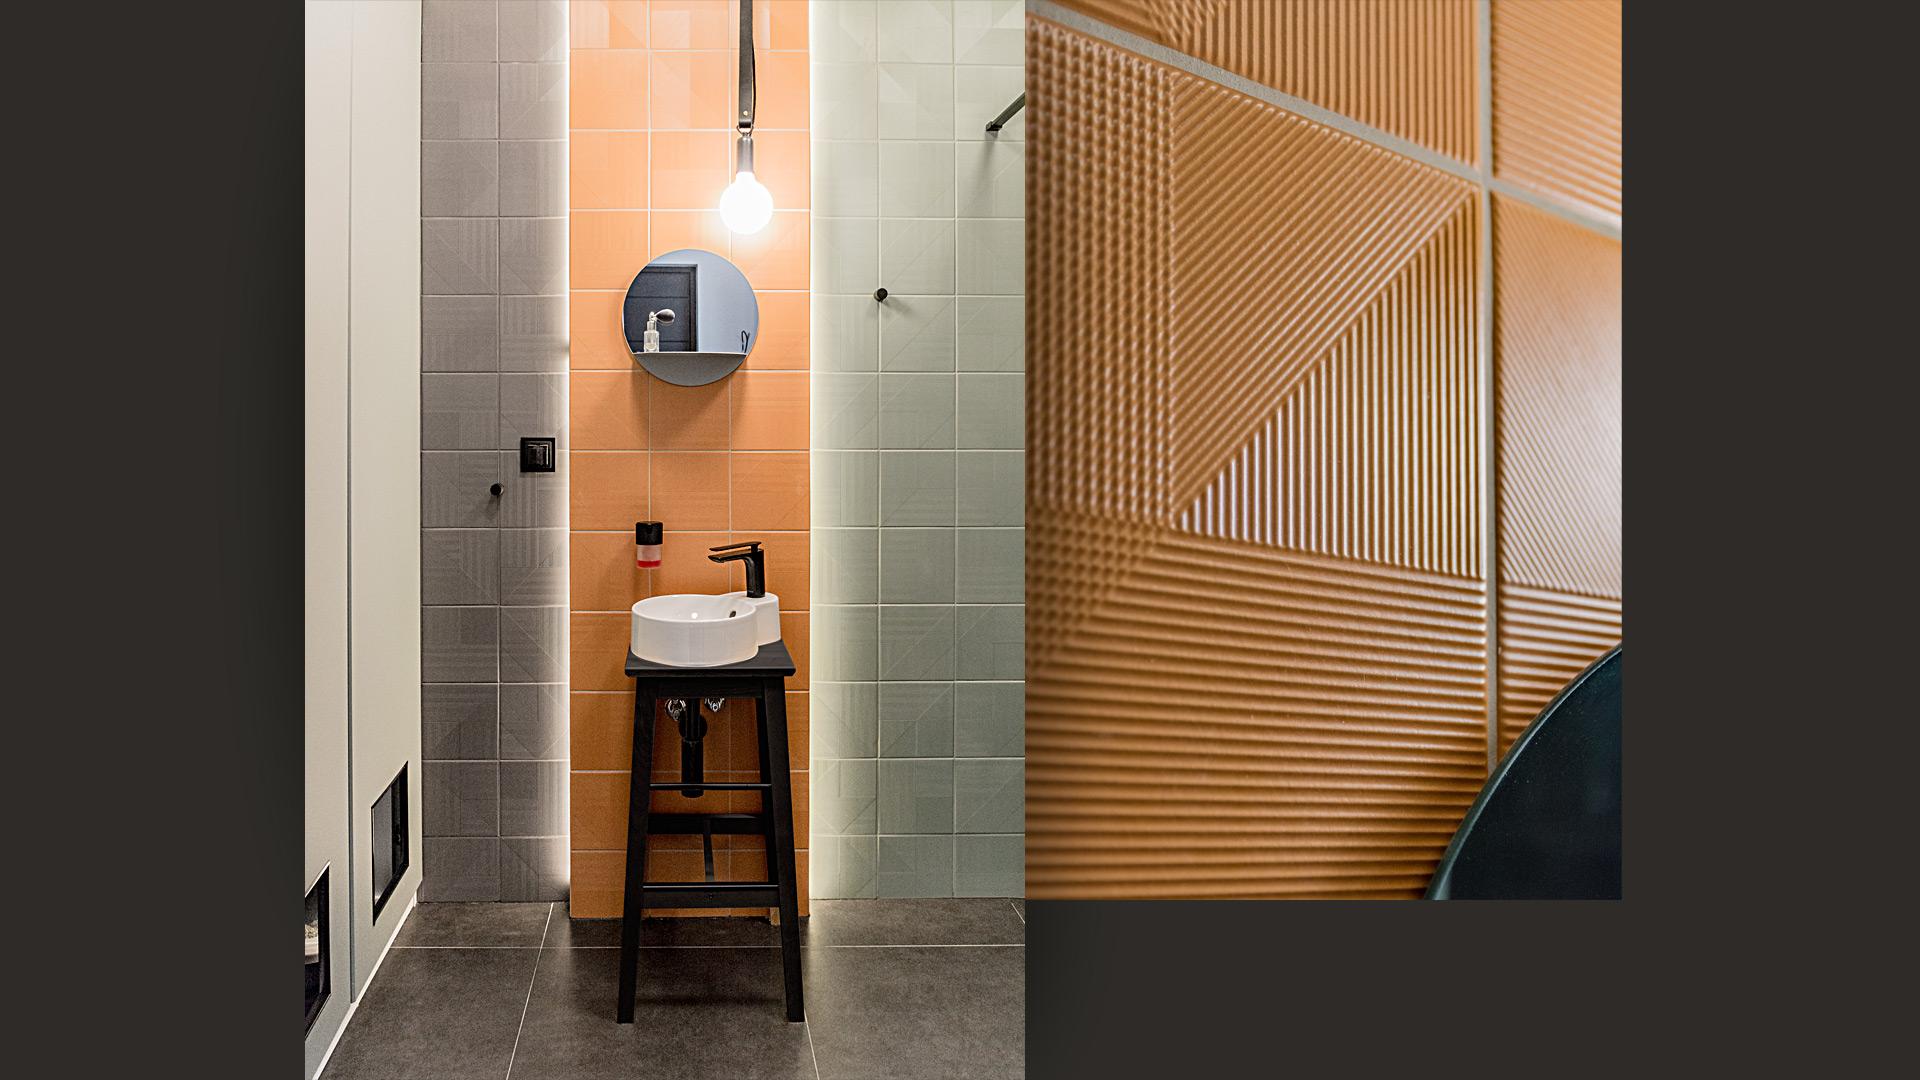 Łazienka na parterze: centralnie wyeksponowana umywalka stoi na lakierowanym na czarno stołku. W szafie gospodarczej ukryto dwie kocie kuwety, do których prowadzą otwory we froncie.